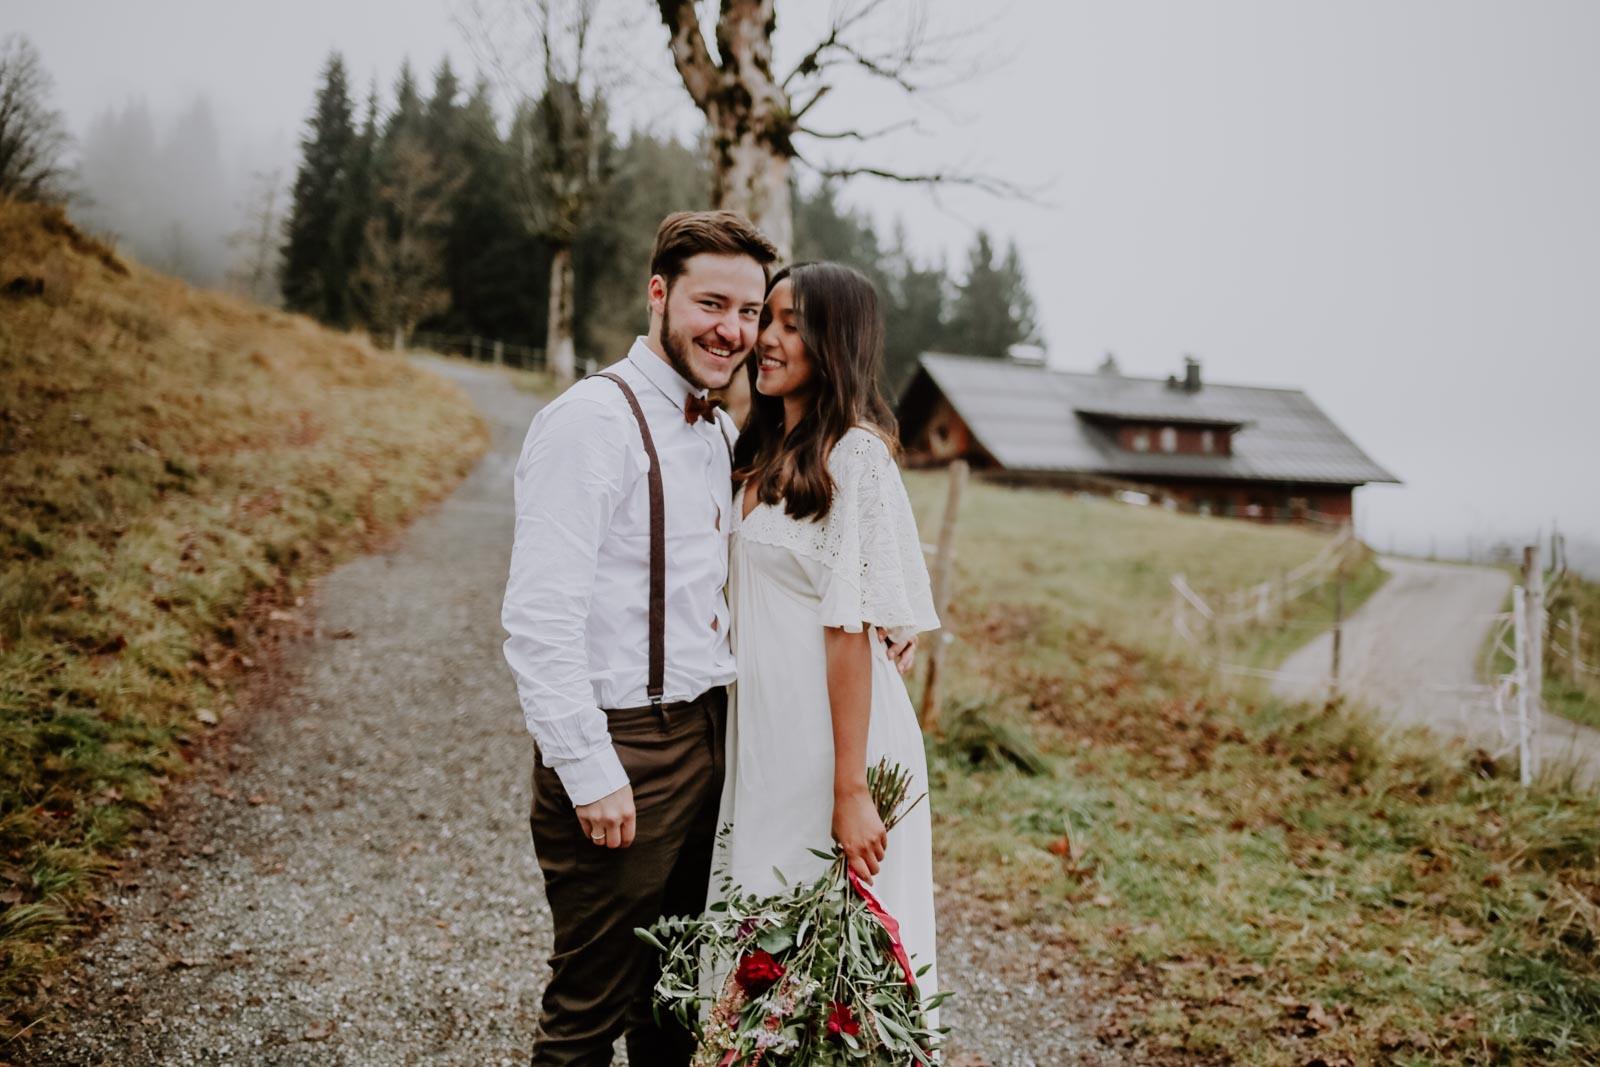 Heiraten In Den Bergen - Tipps Für Die Planung Eurer